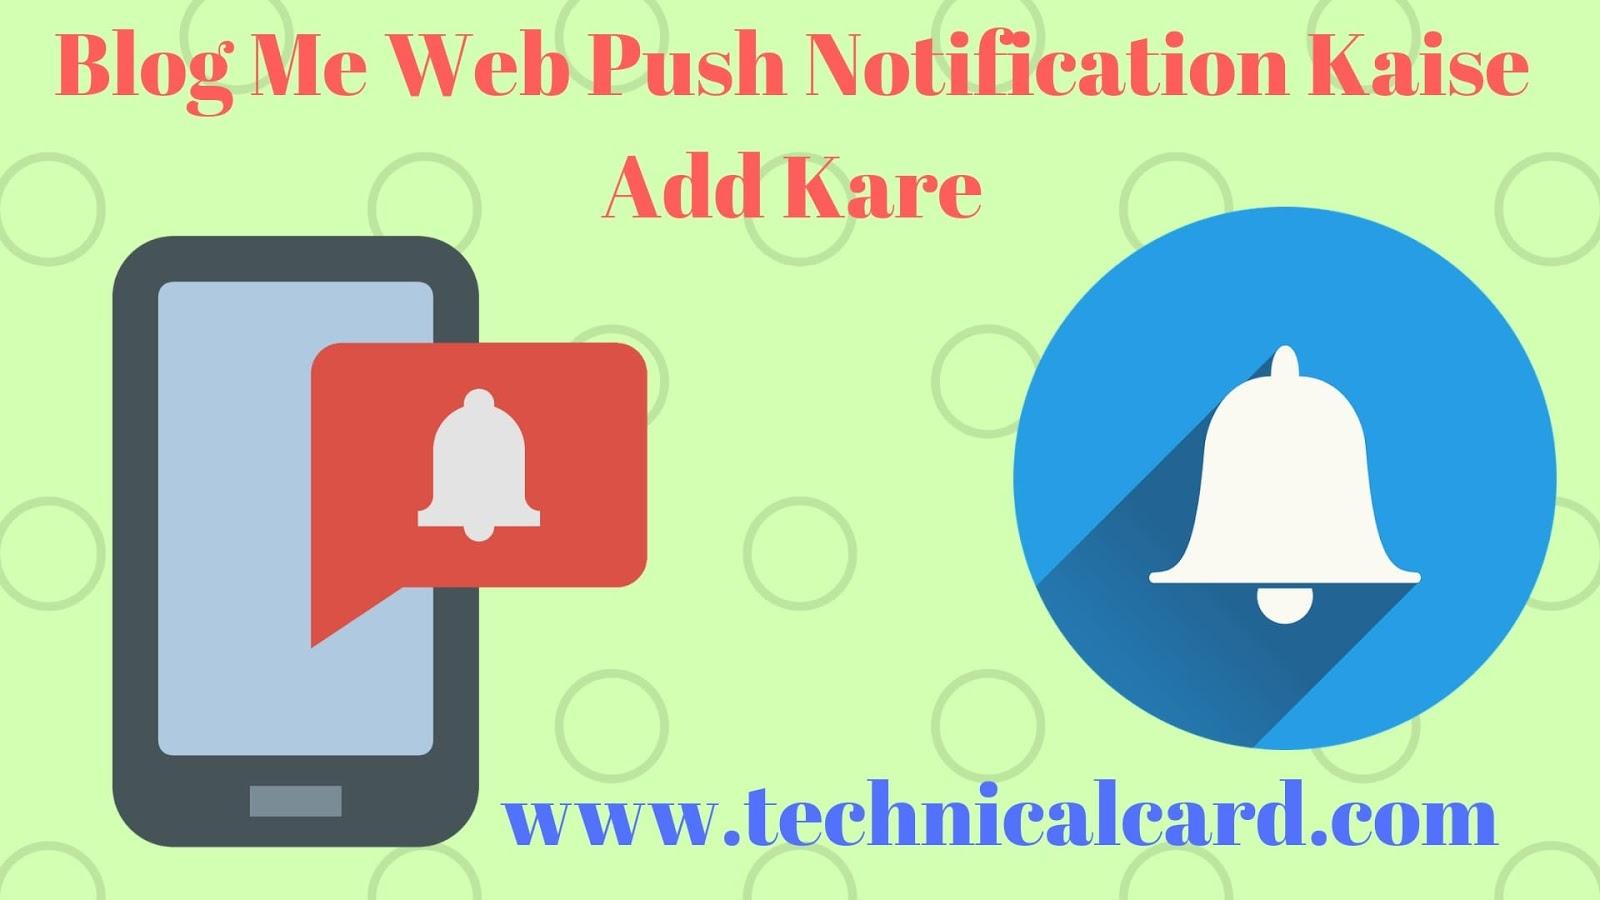 Blog Me Web Push Notification (Bell Notification) Kaise Lagaye, Web push notification kya hai aur blog me kaise add kare, blogger blog me notification bell kaise lagaye in hindi